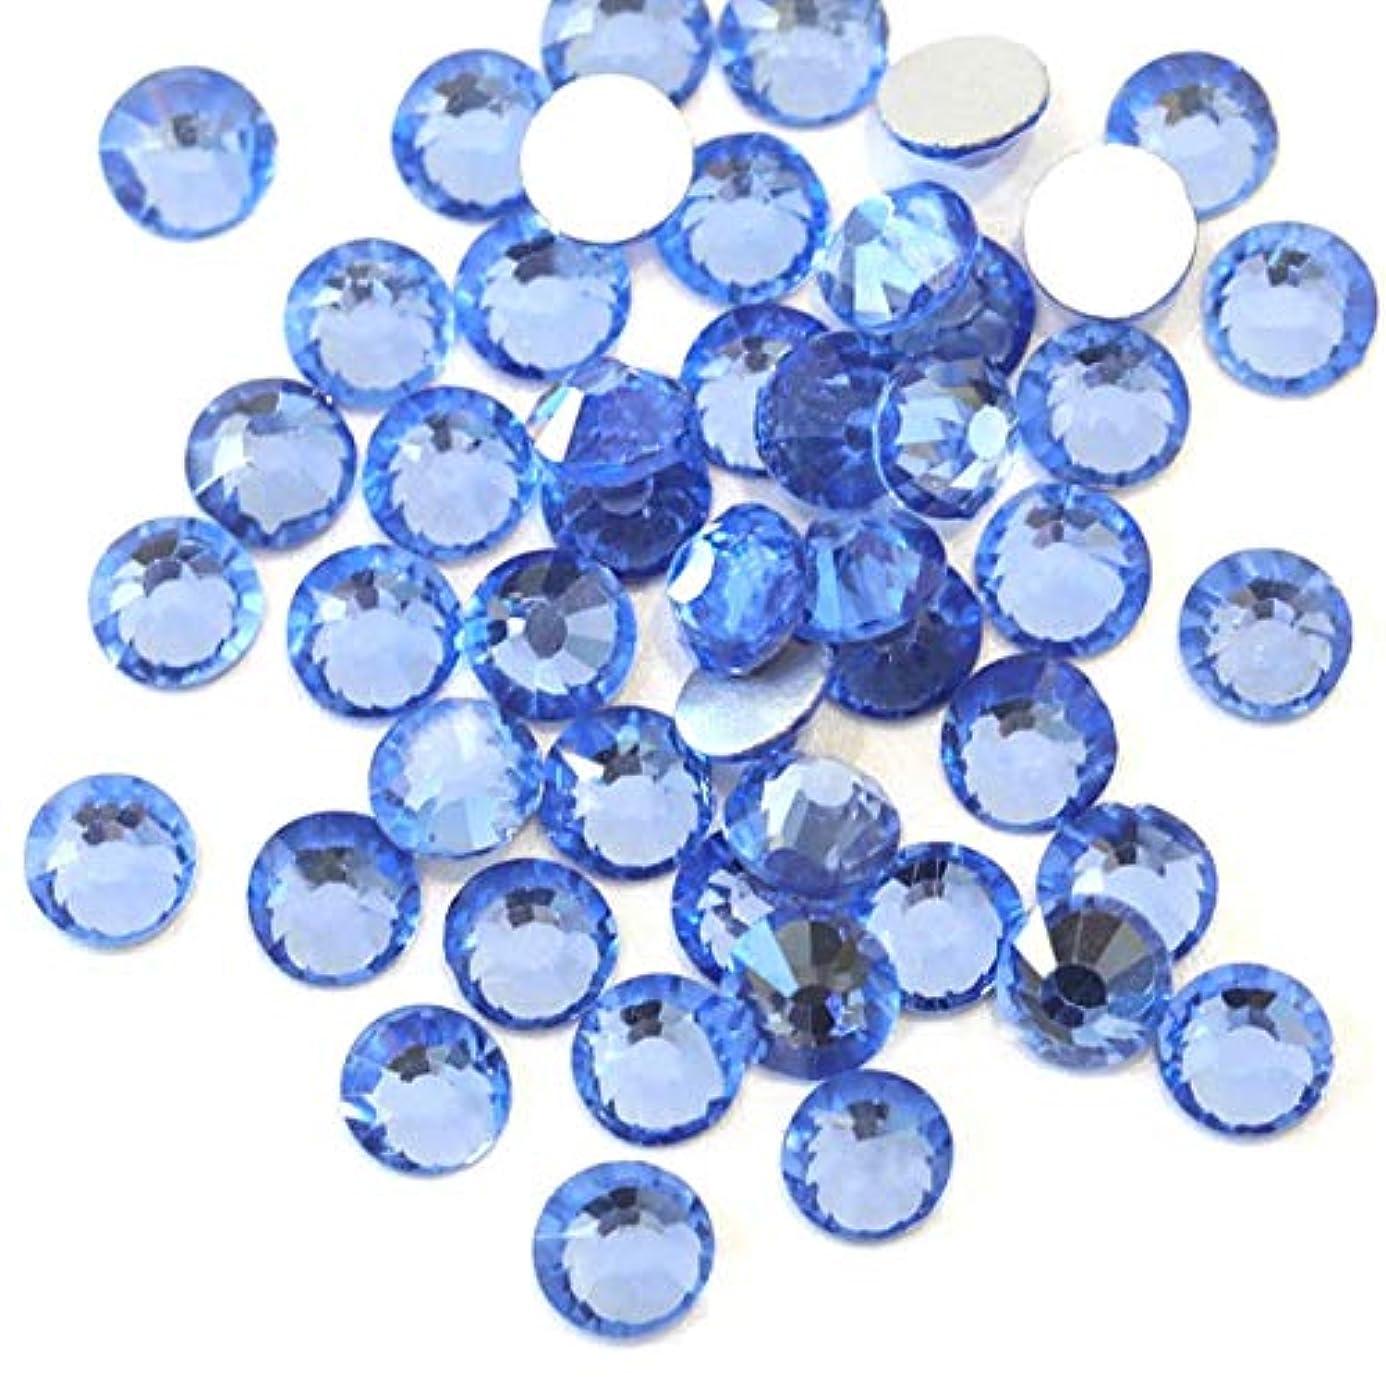 適合アドバンテージつかいます【ラインストーン77】 超高級 ガラス製ラインストーン SS4~SS40 ライトサファイア スワロフスキー同等 (1.9mm (SS6) 約200粒)